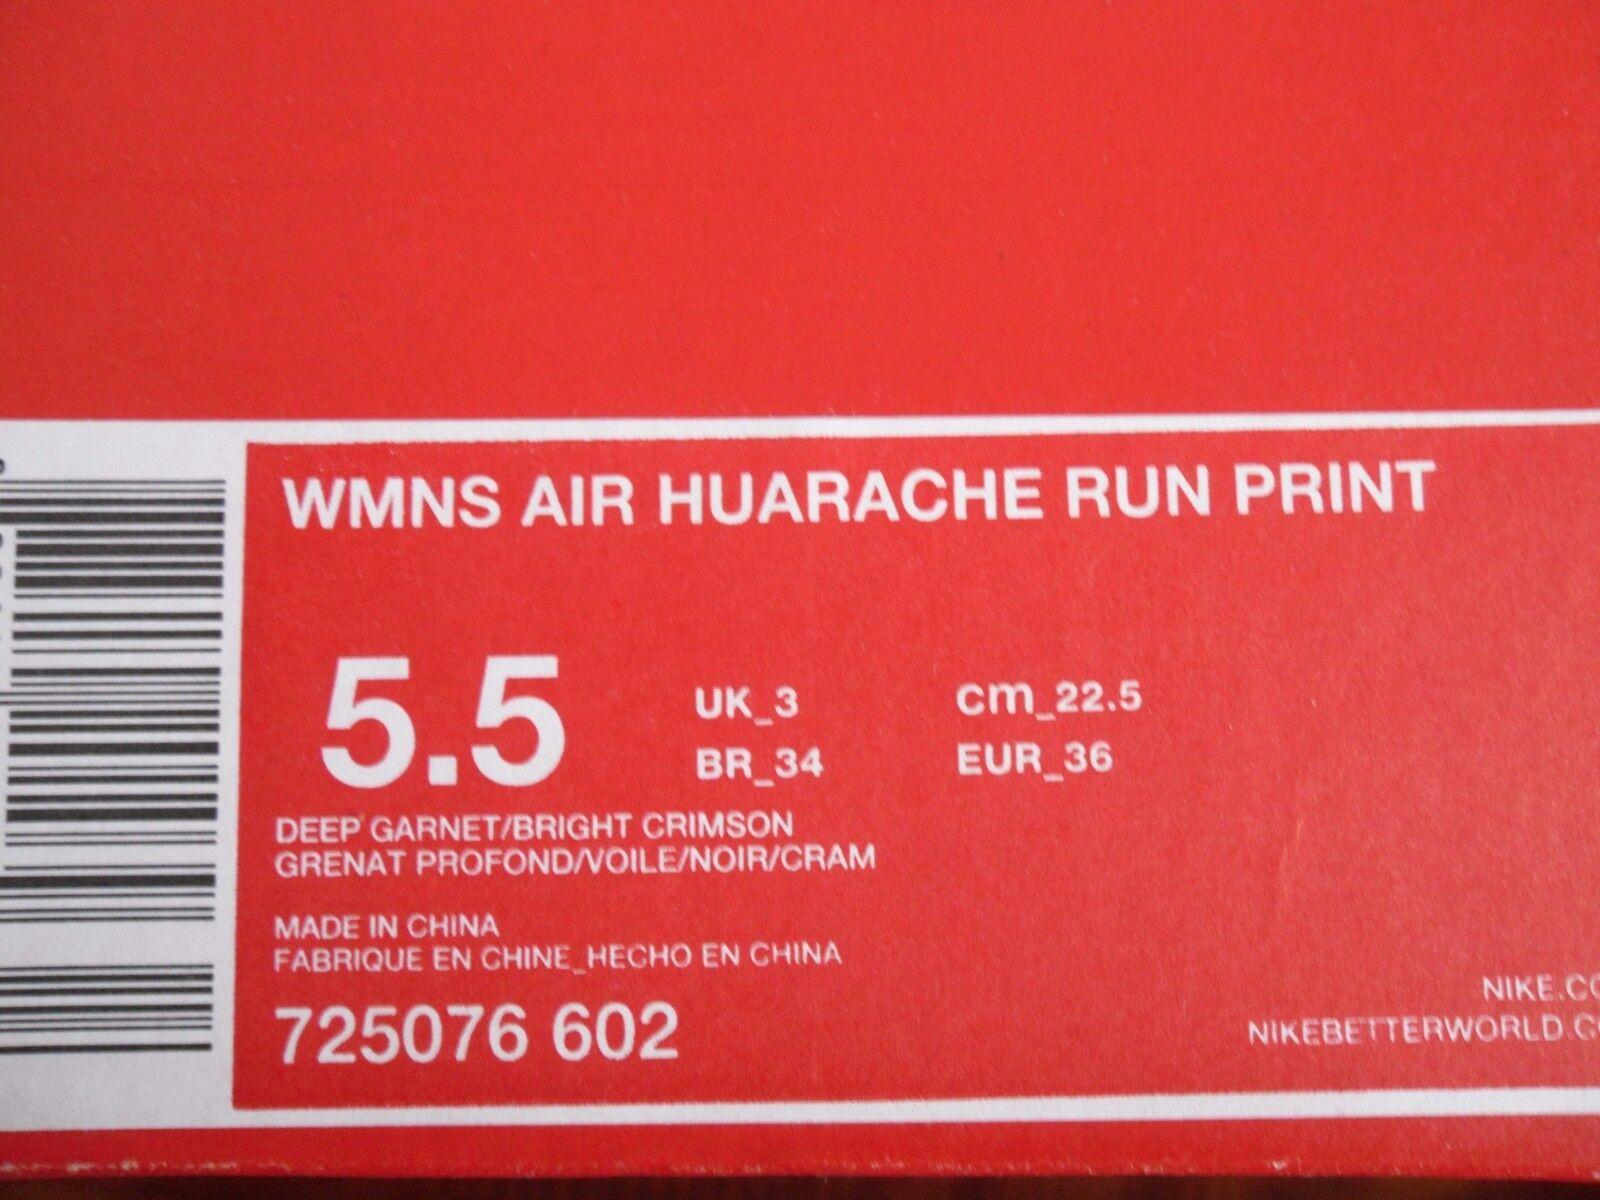 nike air crimson huarache laufen tief garnet-bright drucken crimson air sz 5,5 (725076-602] 818dfd